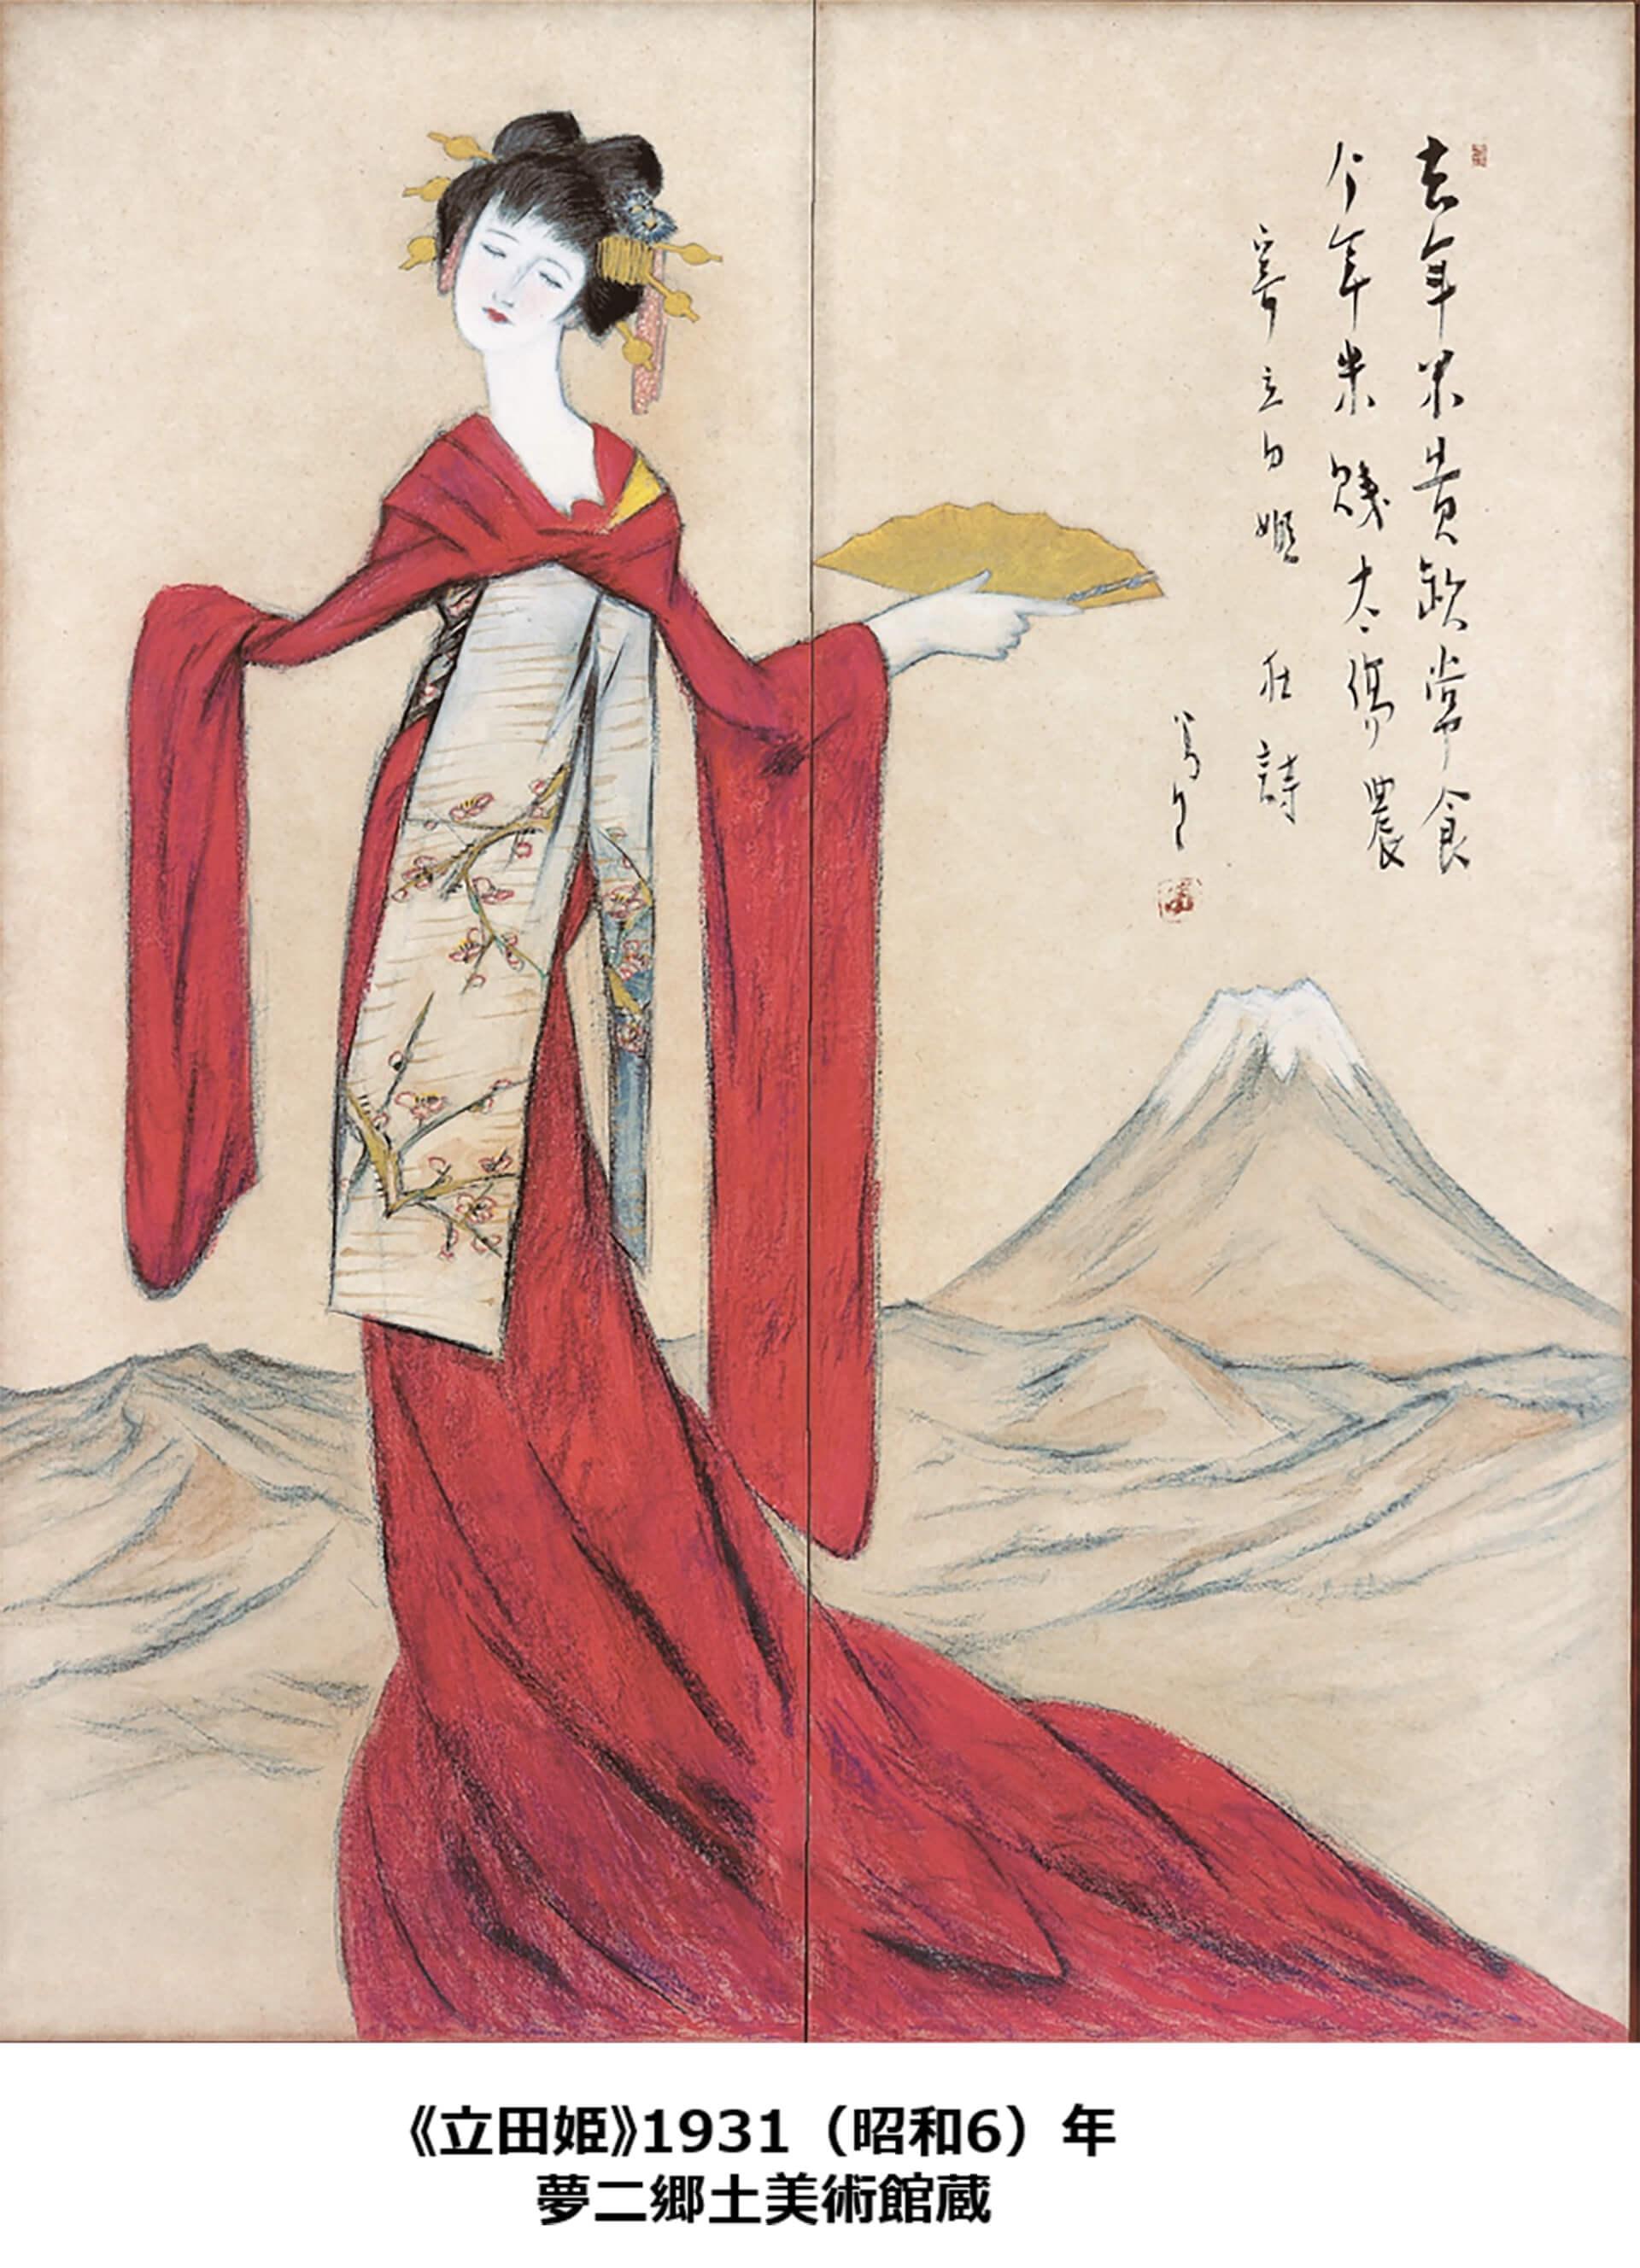 生誕135年 竹久夢二展・立田姫